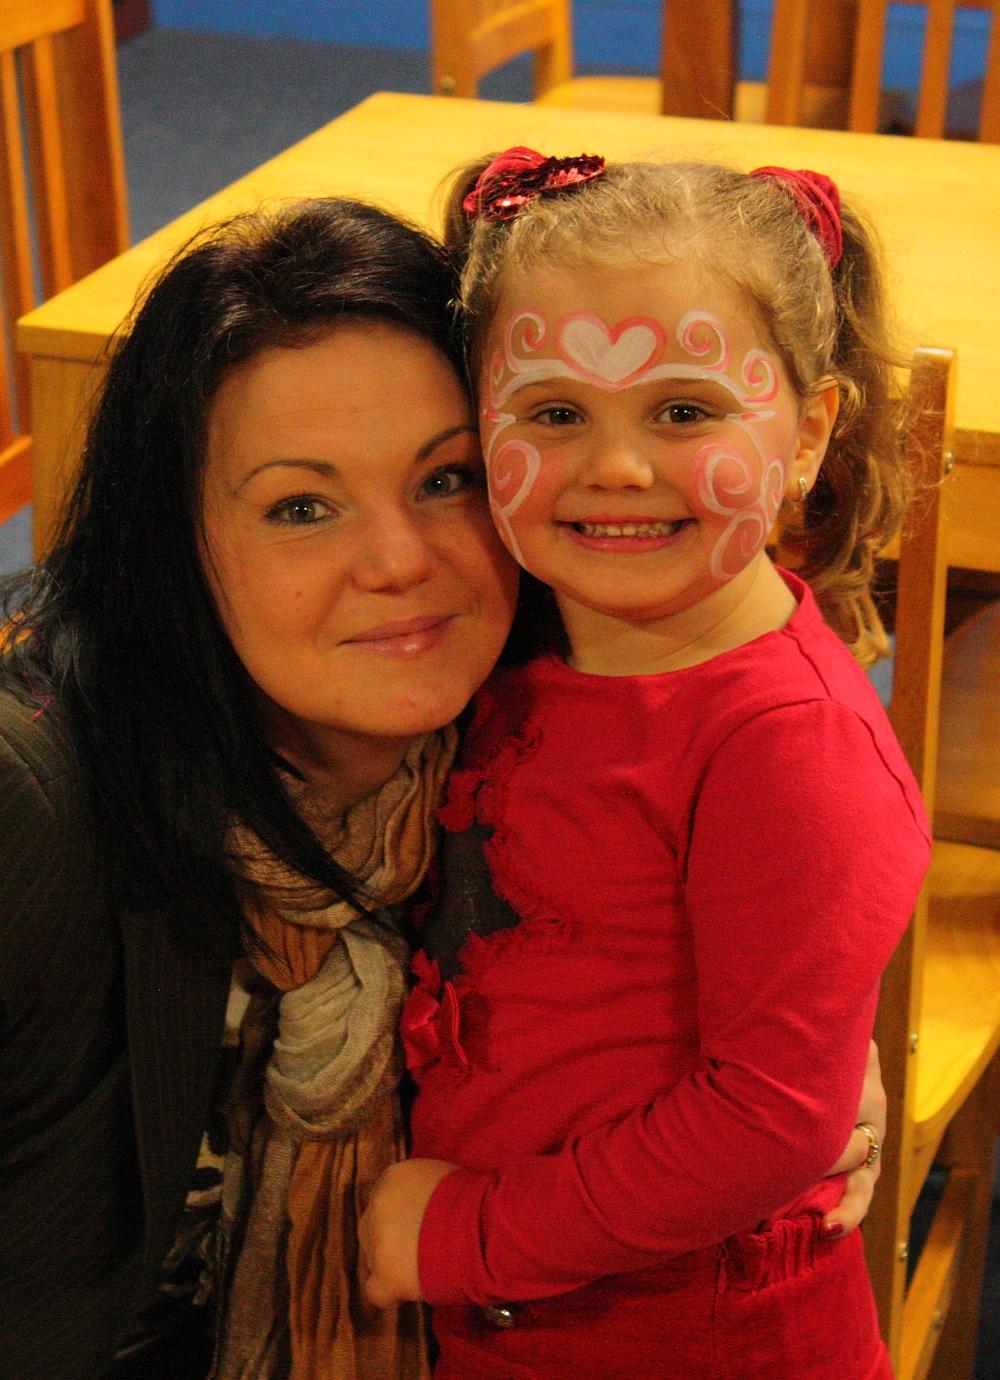 Moje 5 urodziny - Dominika z mamą